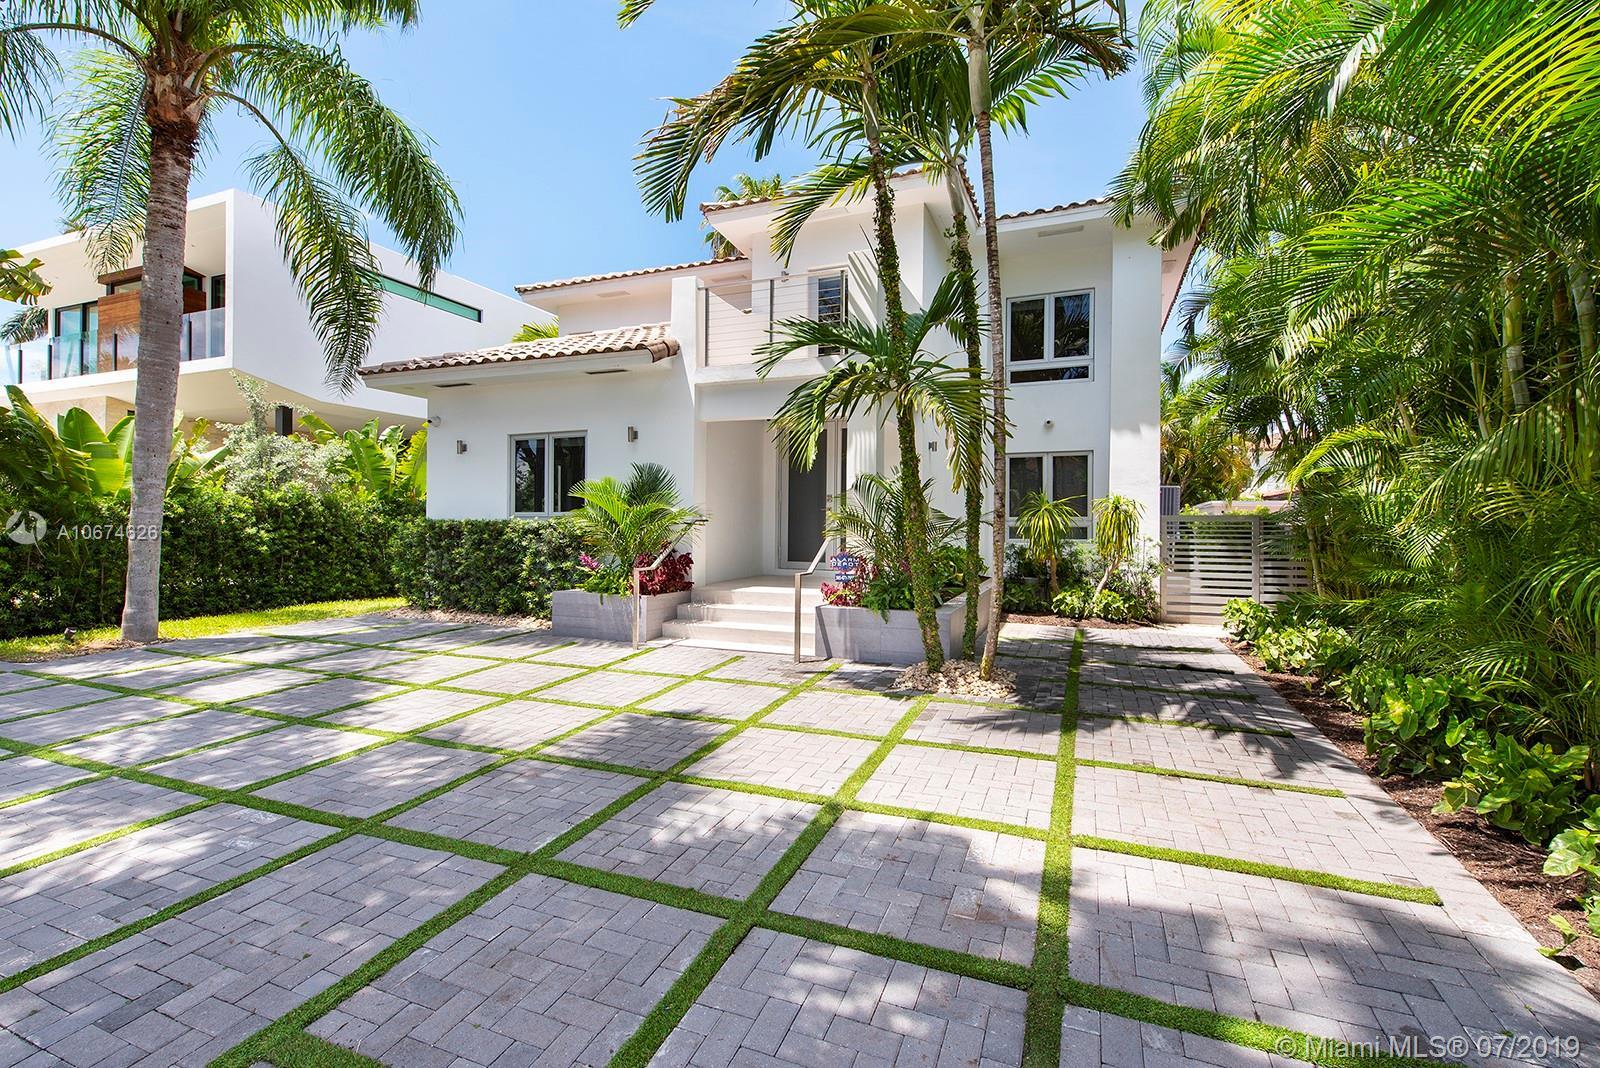 243 Palm ave- miami-beach-fl-33139-a10674626-Pic01